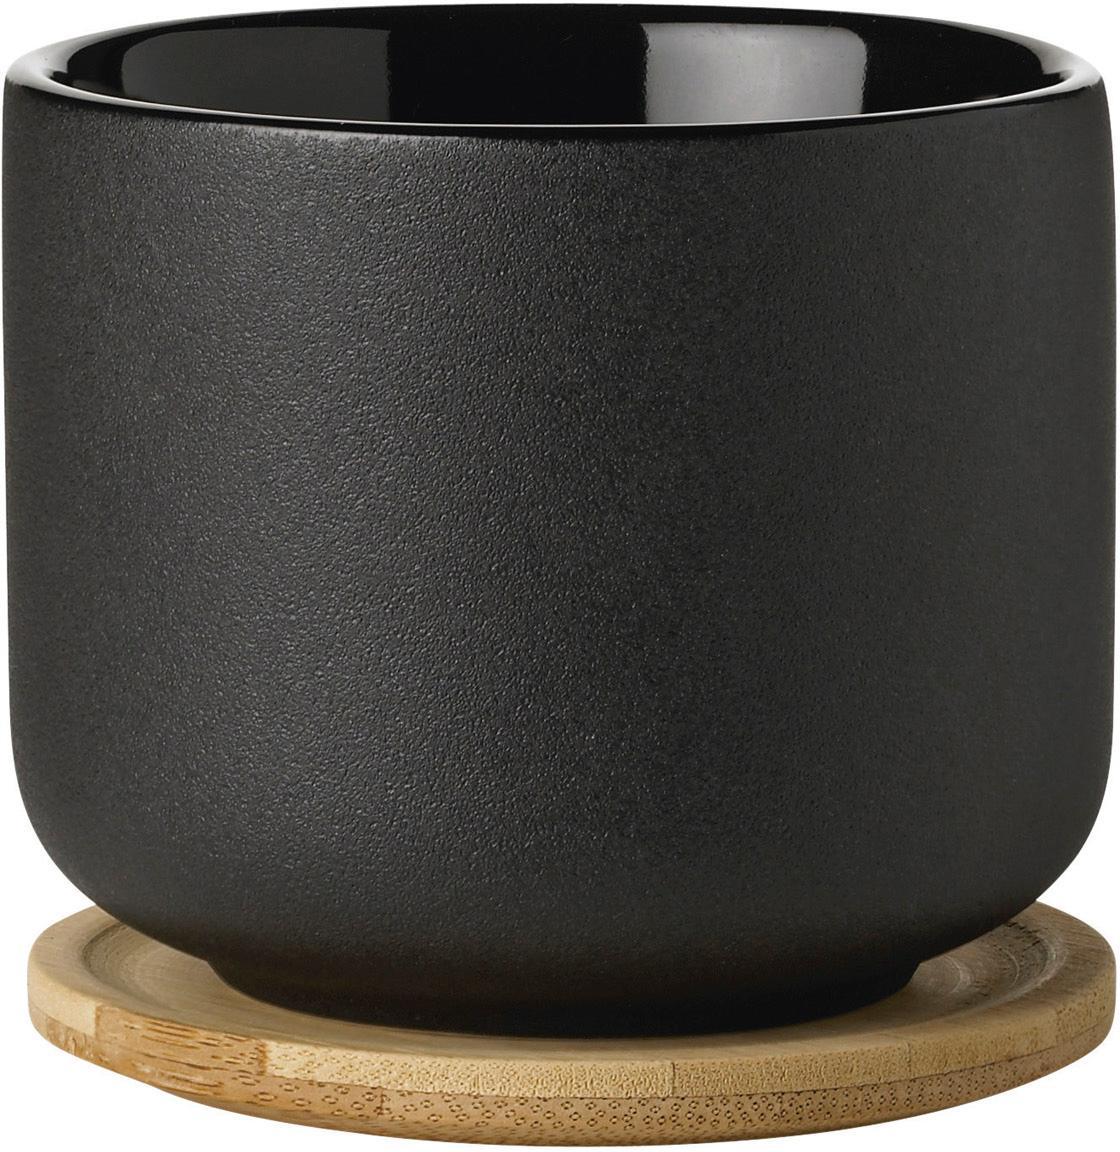 Beker Theo in zwart met deksel/onderzetter, Beker: keramiek, Deksel: bamboe, Zwart, Ø 9 cm